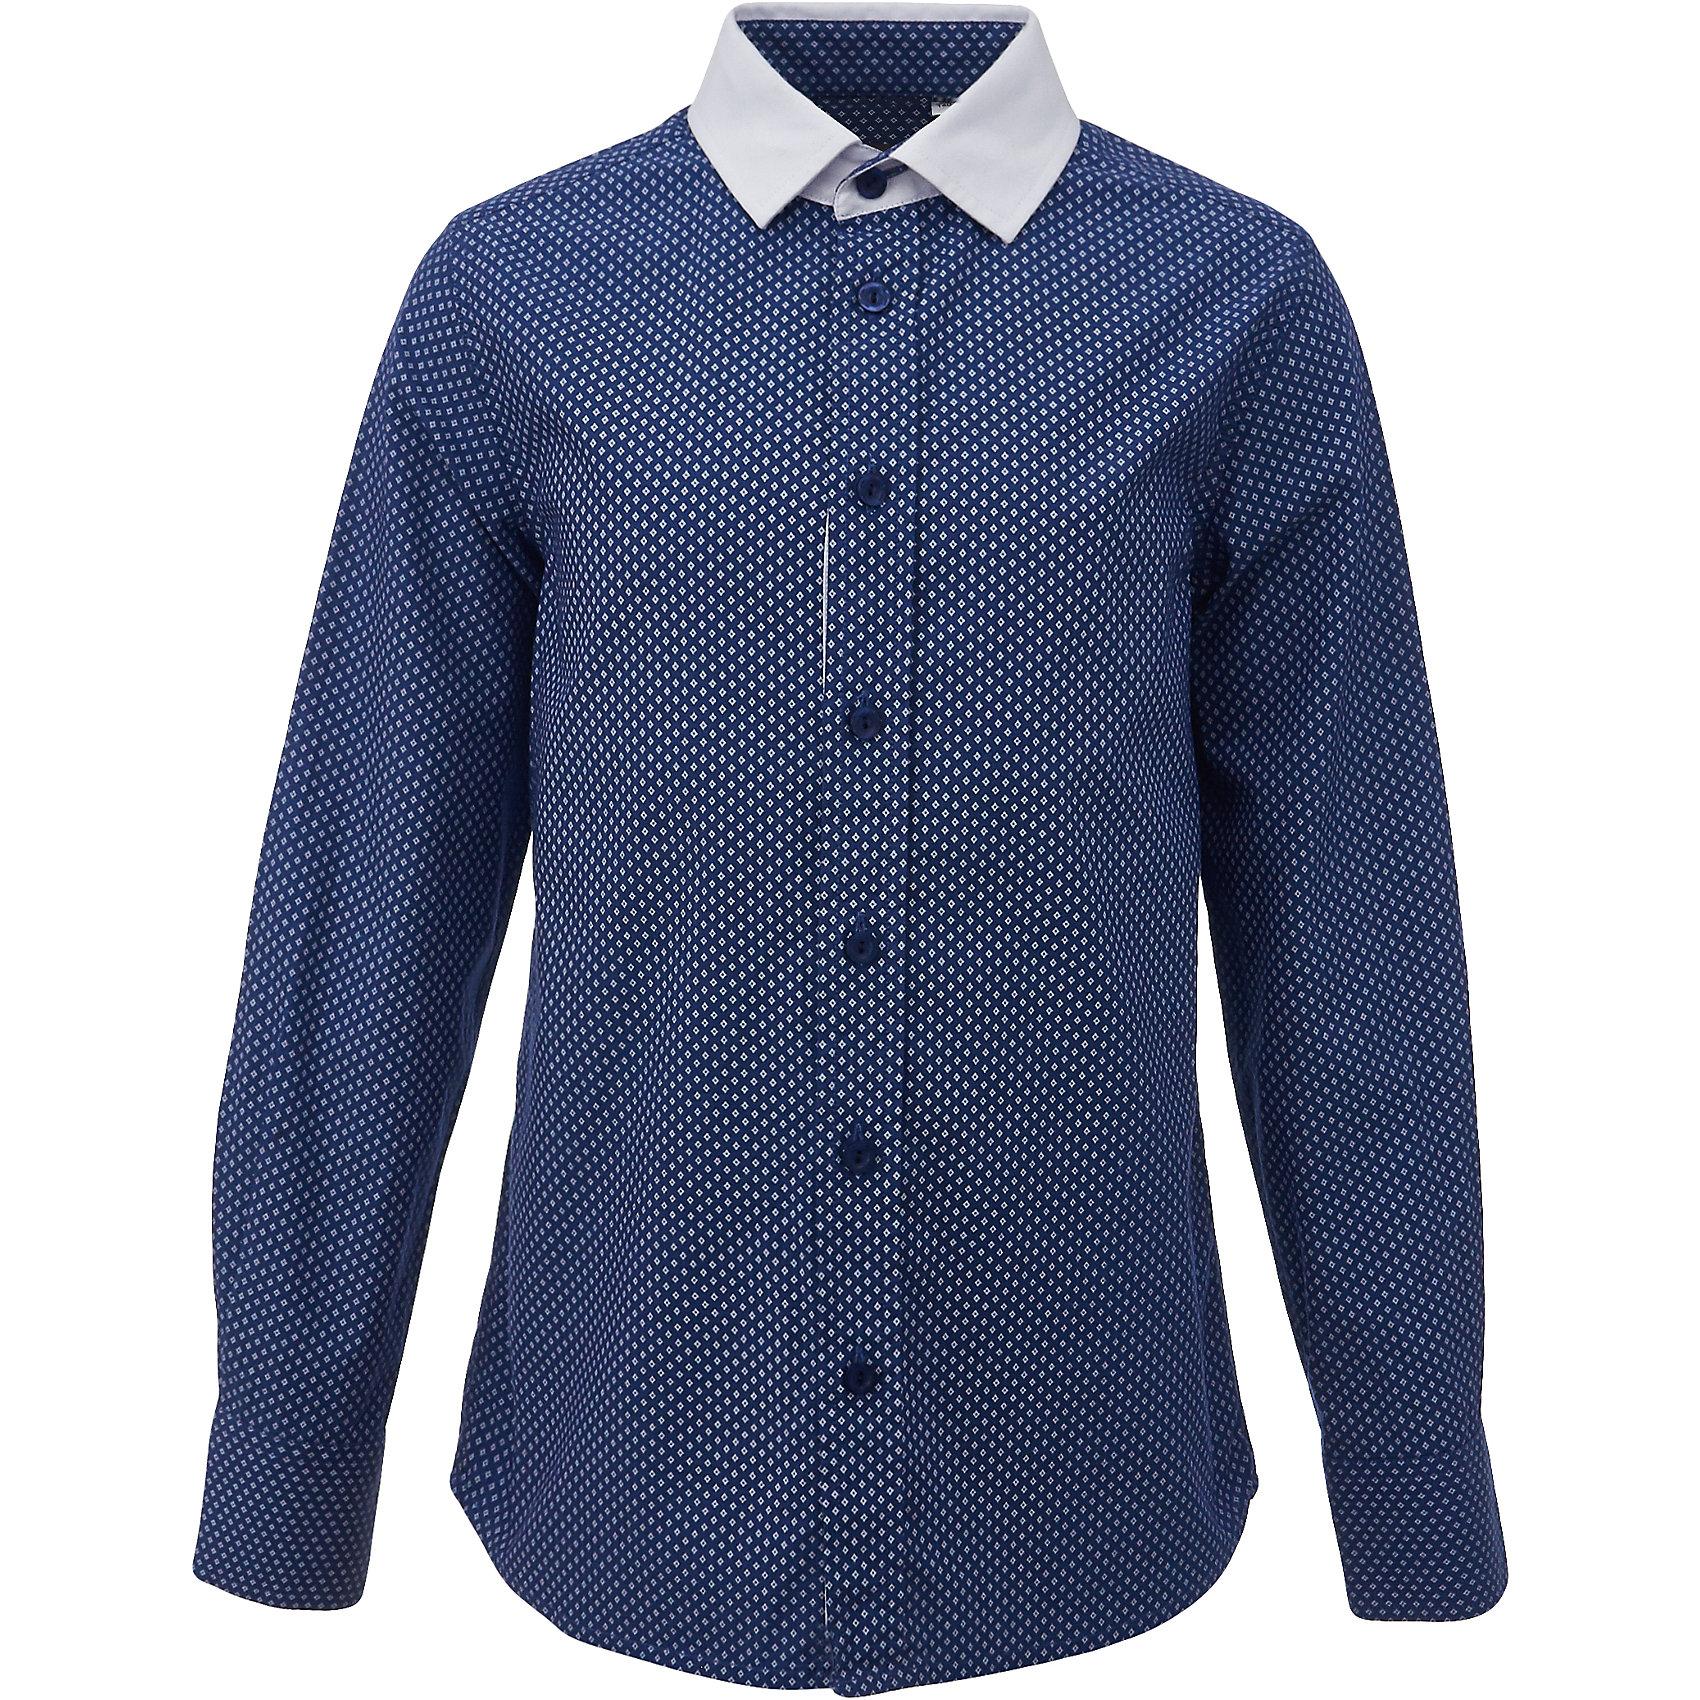 Рубашка для мальчика GulliverБлузки и рубашки<br>Характеристики товара:<br><br>• цвет: синий<br>• состав: 80% хлопок, 20% полиэстер <br>• сезон: круглый год<br>• особенности: школьная, повседневная<br>• рисунок: мелкий ромбик<br>• воротник-стойка<br>• застежки: пуговицы<br>• манжеты на трех пуговицах<br>• с длинным рукавом<br>• страна бренда: Российская Федерация<br>• страна производства: Российская Федерация<br><br>Школьная рубашка с длинным рукавом для мальчика. Синяя рубашка с рисунком в мелкий ромбик застегивается на пуговицы, манжеты рукавов на трех пуговицах. Воротник контрастного белого цвета.<br><br>Рубашку для мальчика Gulliver (Гулливер) можно купить в нашем интернет-магазине.<br><br>Ширина мм: 174<br>Глубина мм: 10<br>Высота мм: 169<br>Вес г: 157<br>Цвет: синий<br>Возраст от месяцев: 72<br>Возраст до месяцев: 84<br>Пол: Мужской<br>Возраст: Детский<br>Размер: 122,170,128,134,140,146,152,158,164<br>SKU: 6678316